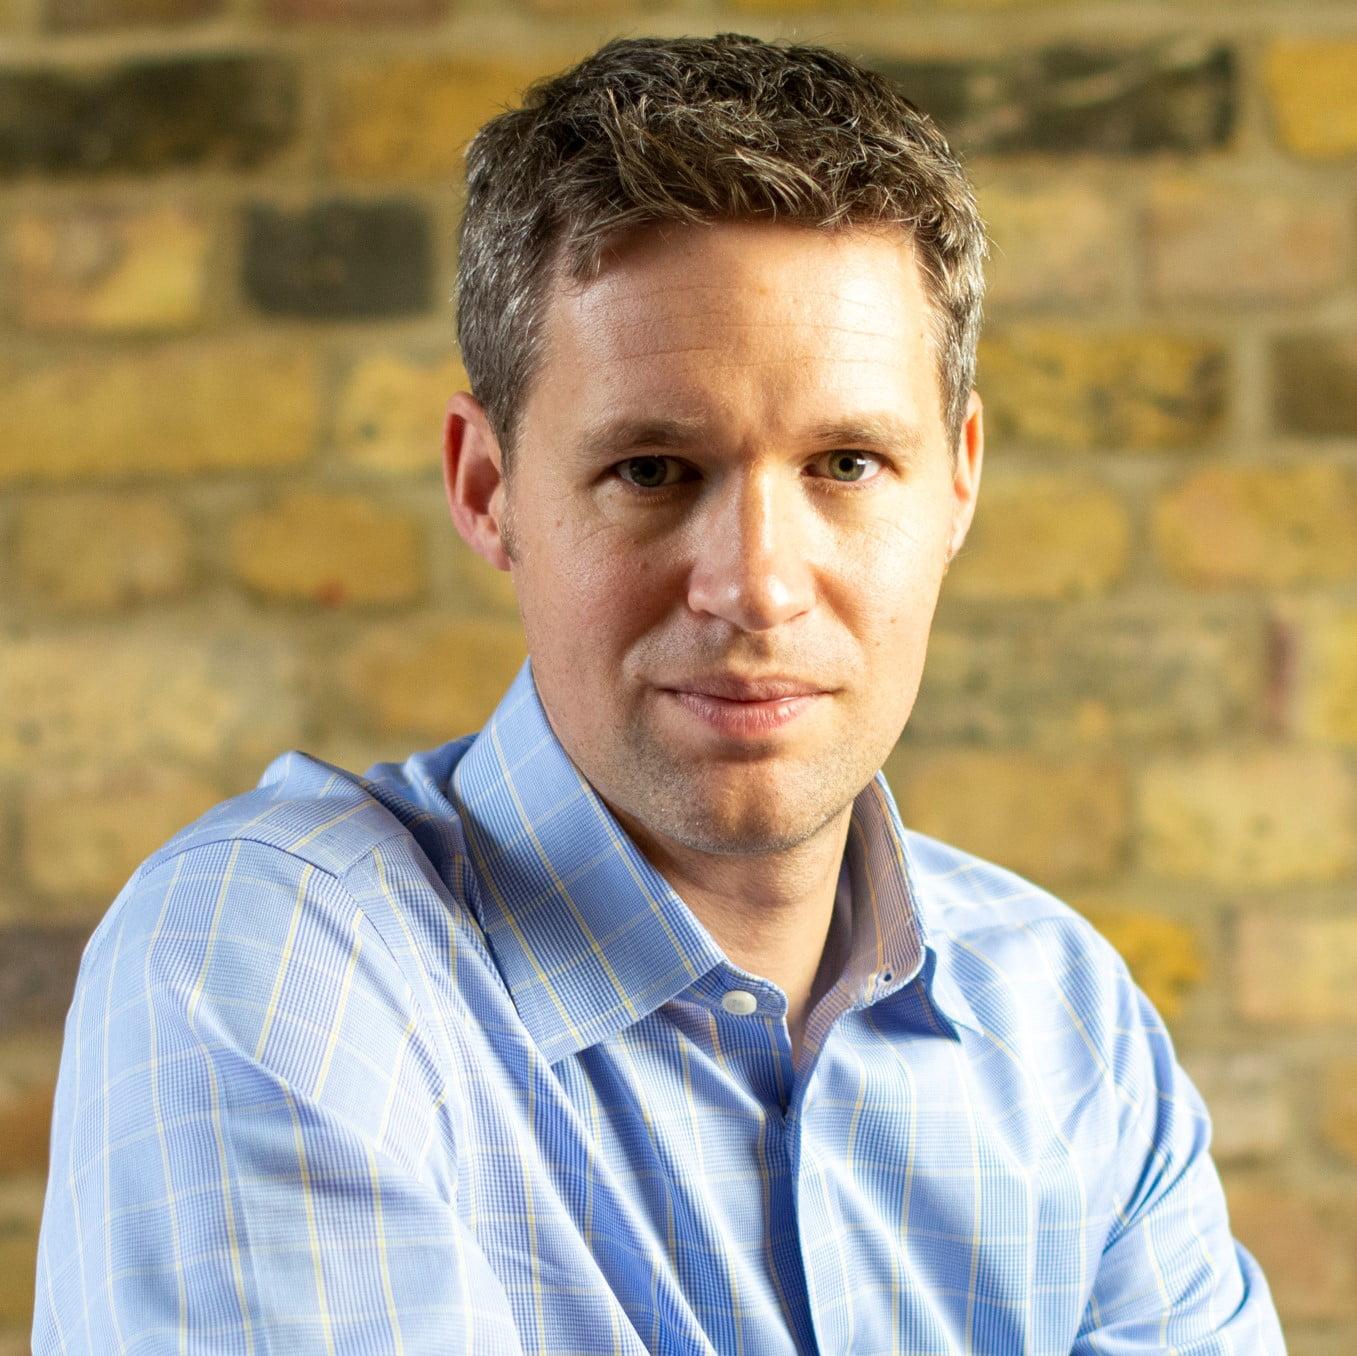 David Dagger